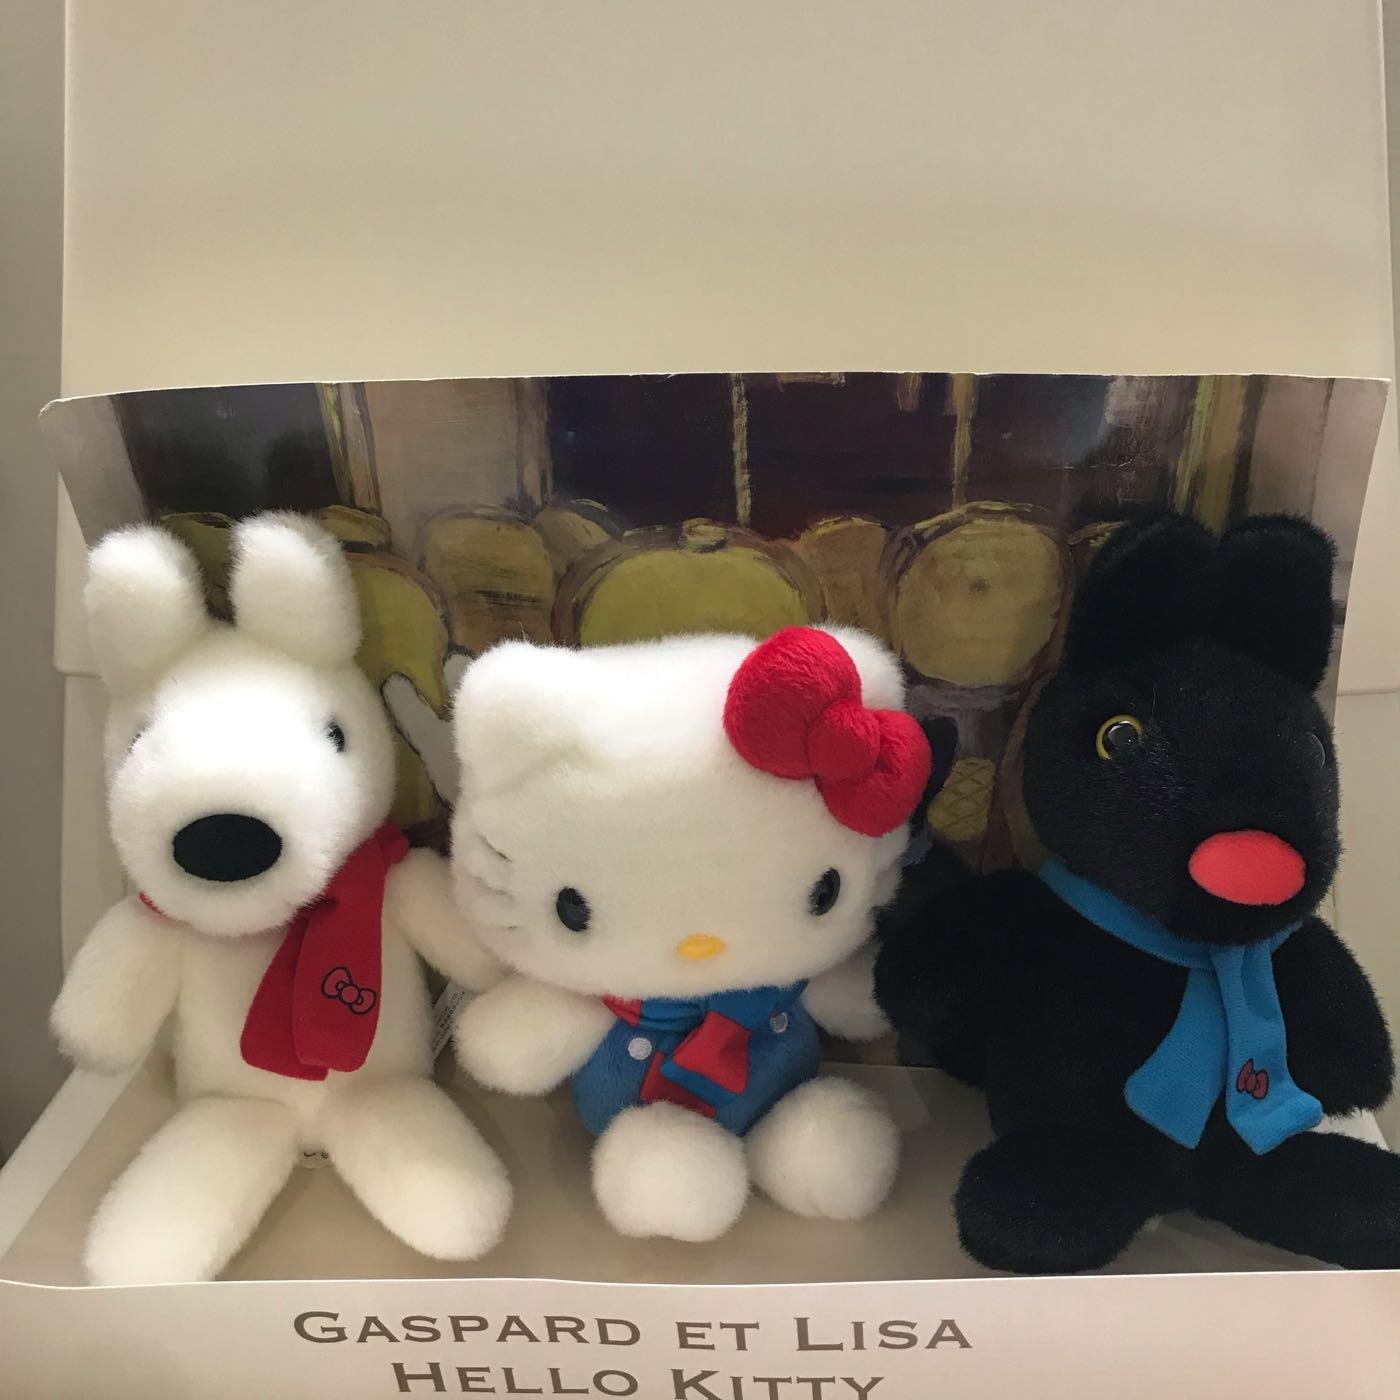 Gaspard et Lisa Hello kitty 娃娃  麗莎和卡斯柏 全新 不拆售